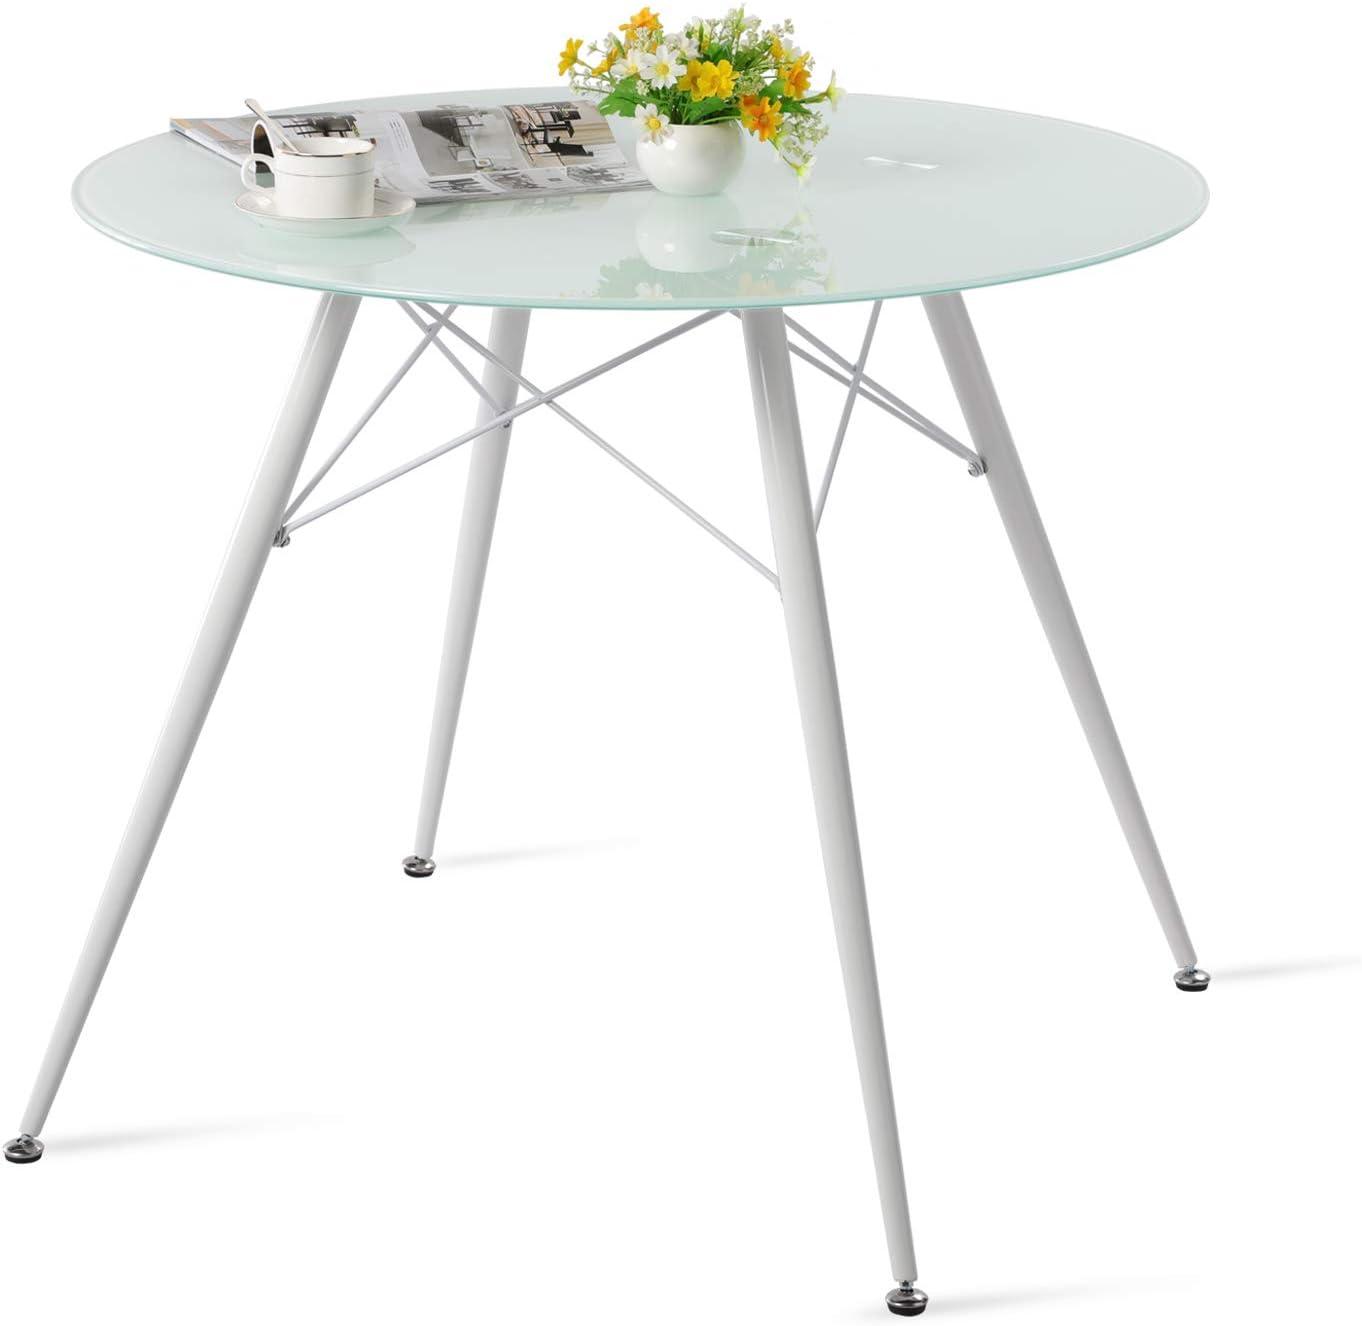 90x90x75cm Bianco IPOTIUS Moderno Tavolo da Pranzo in Vetro Rotondo per 4 Persone Gambe in Metallo Bianca e Doghe in Metallo Tavolo da Cucina